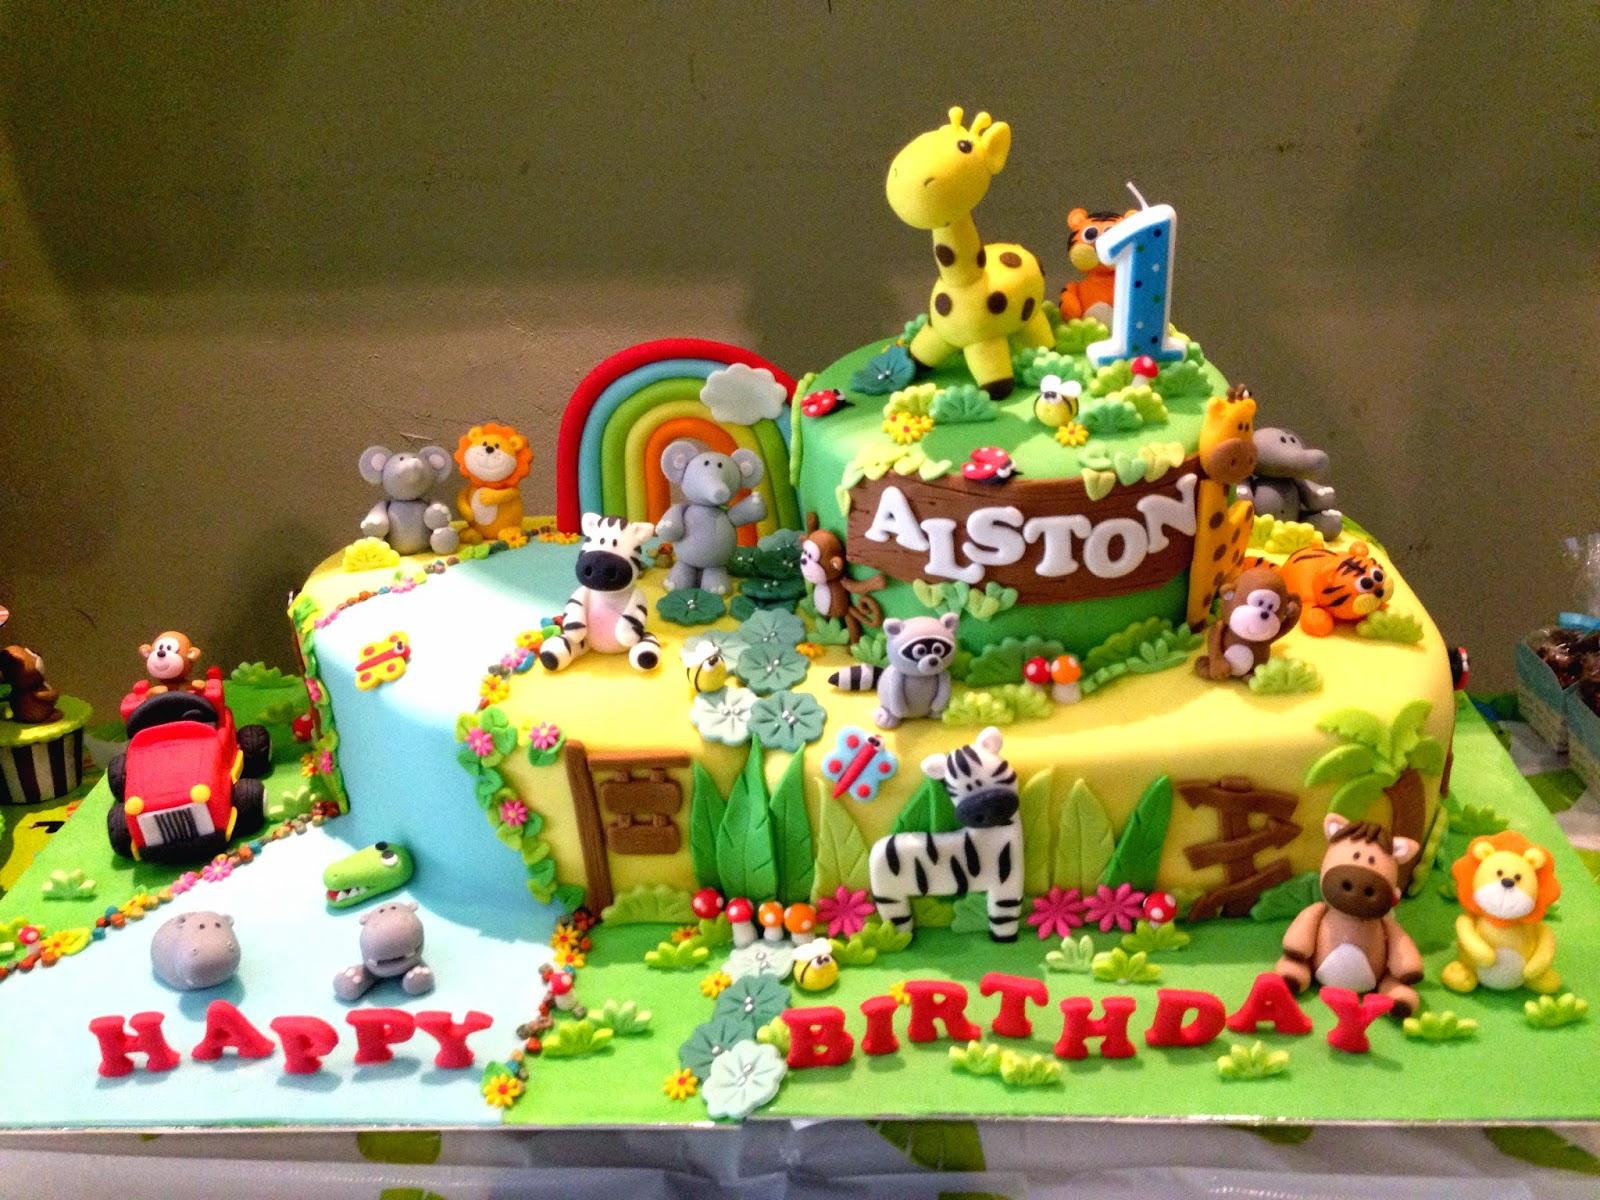 Oven Creations Happy 1st Birthday Alston